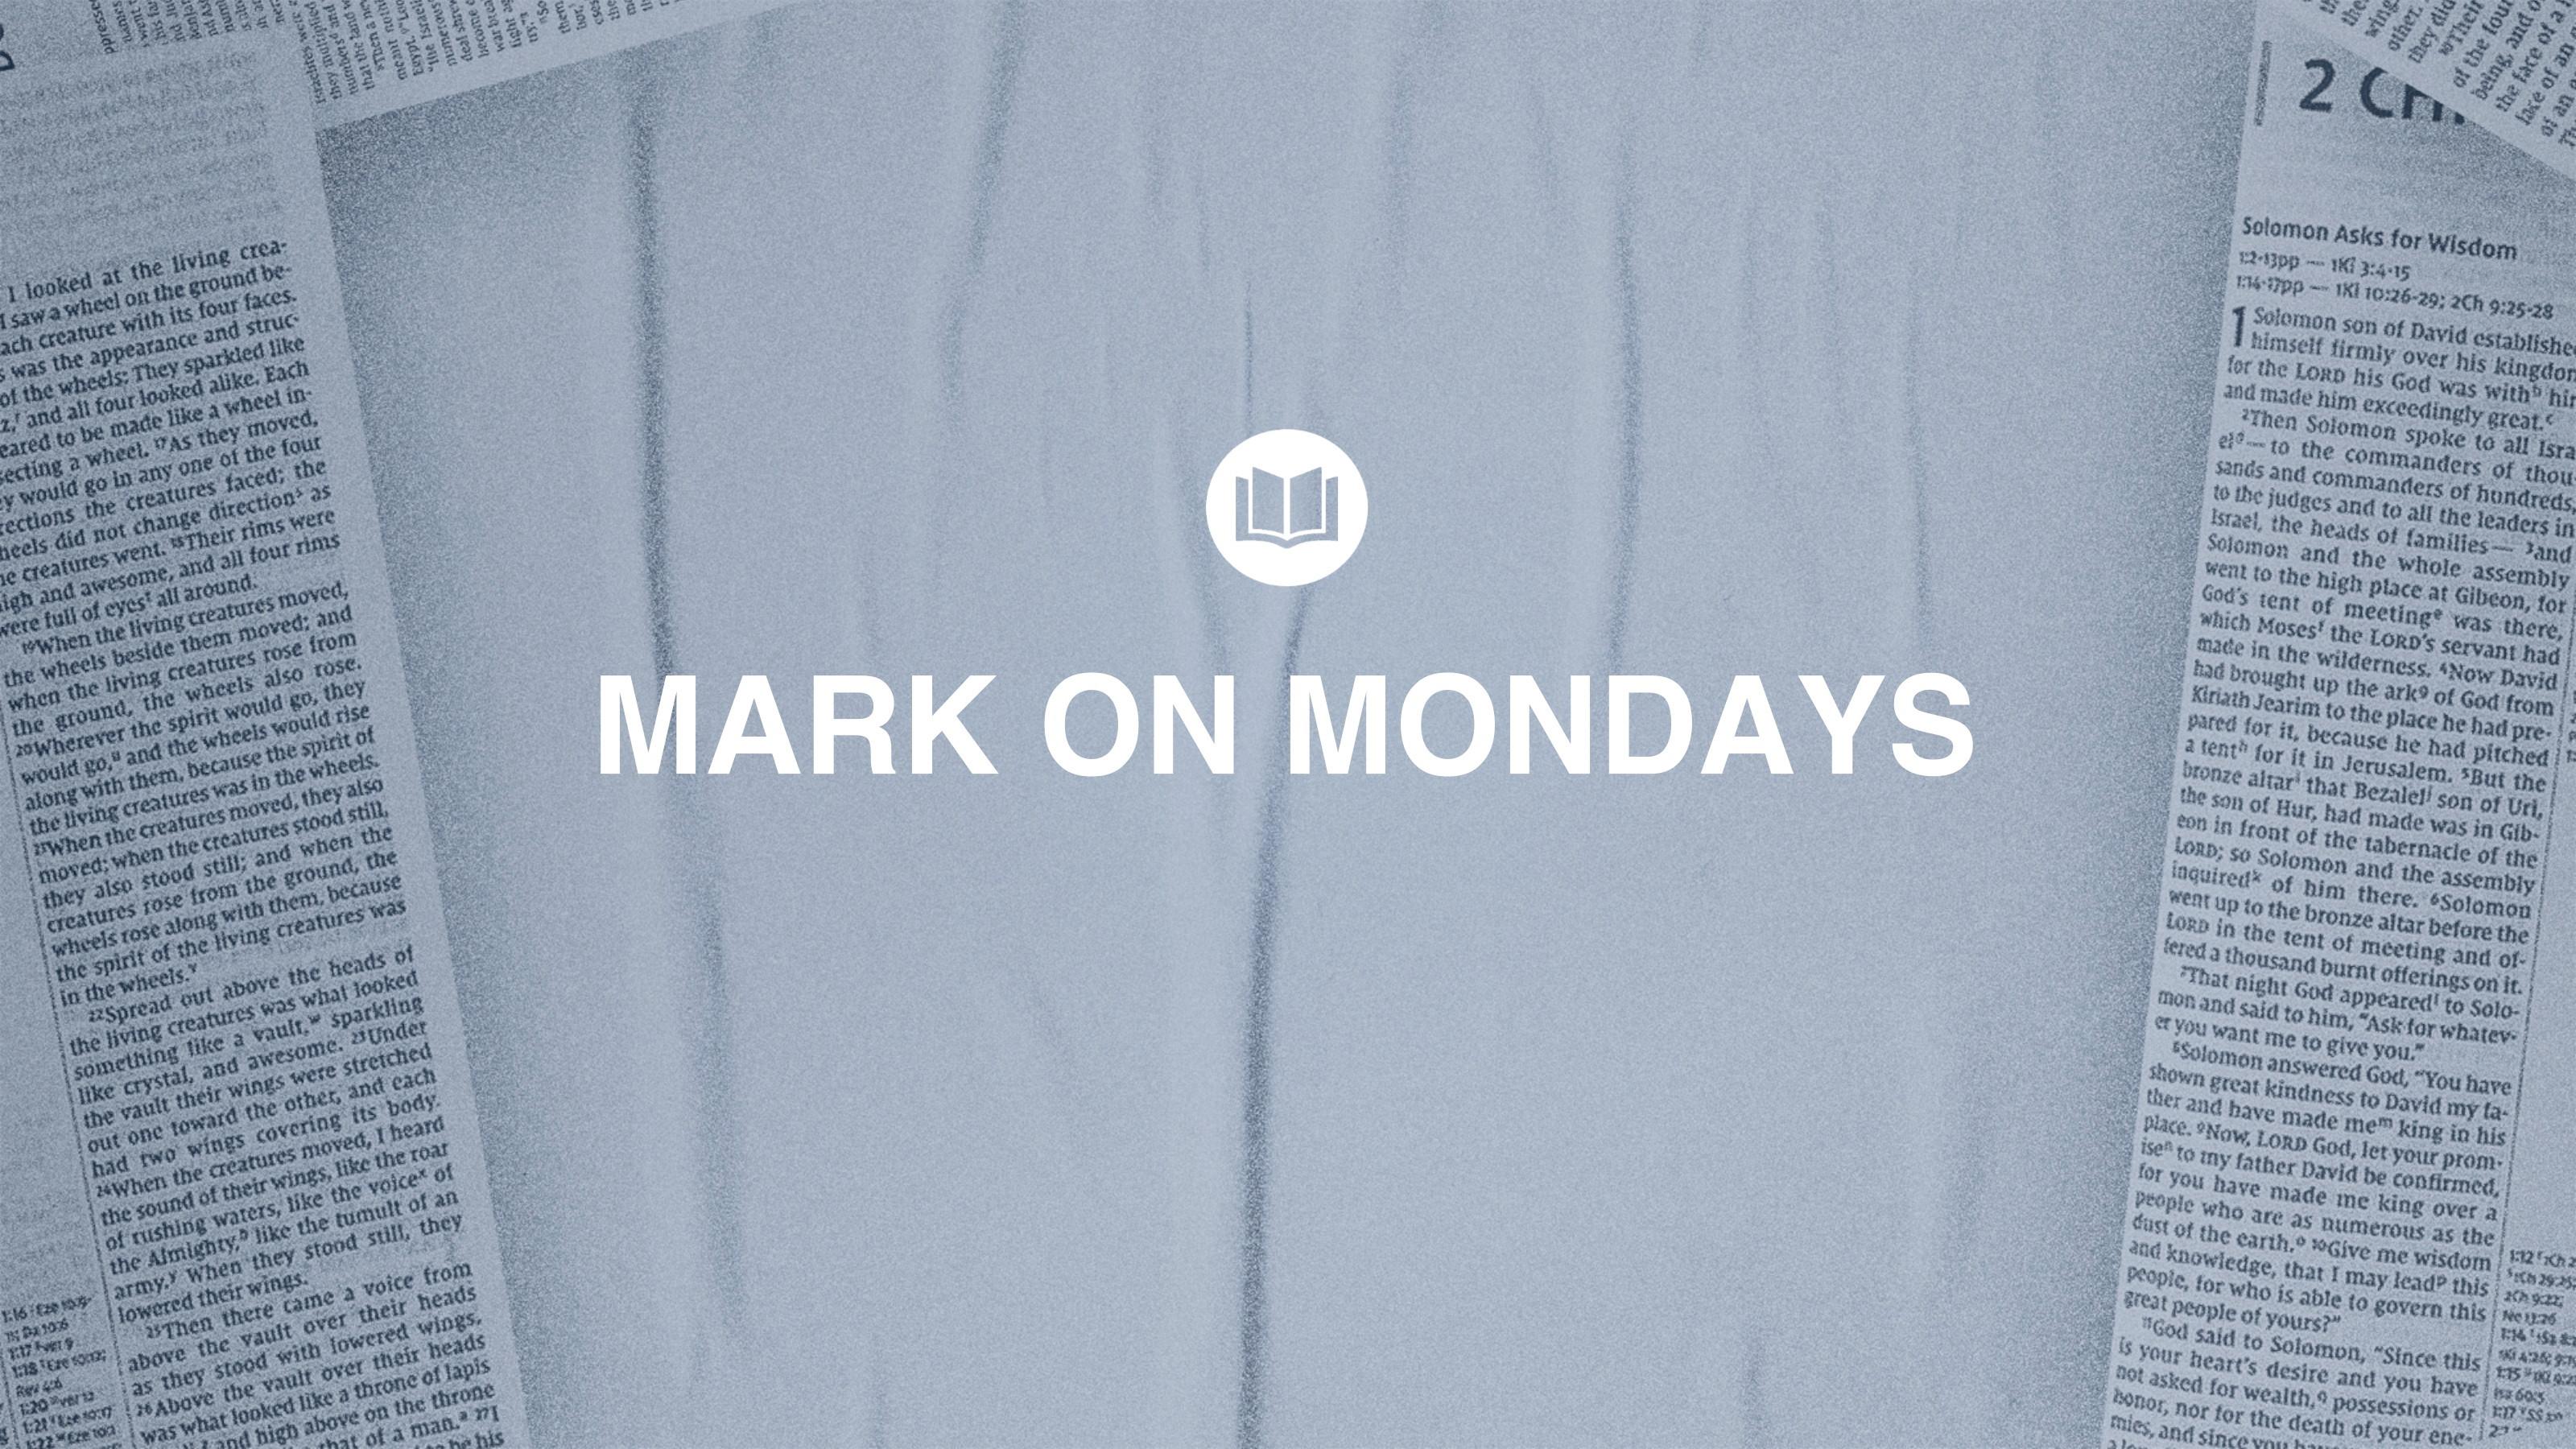 Mark on Mondays